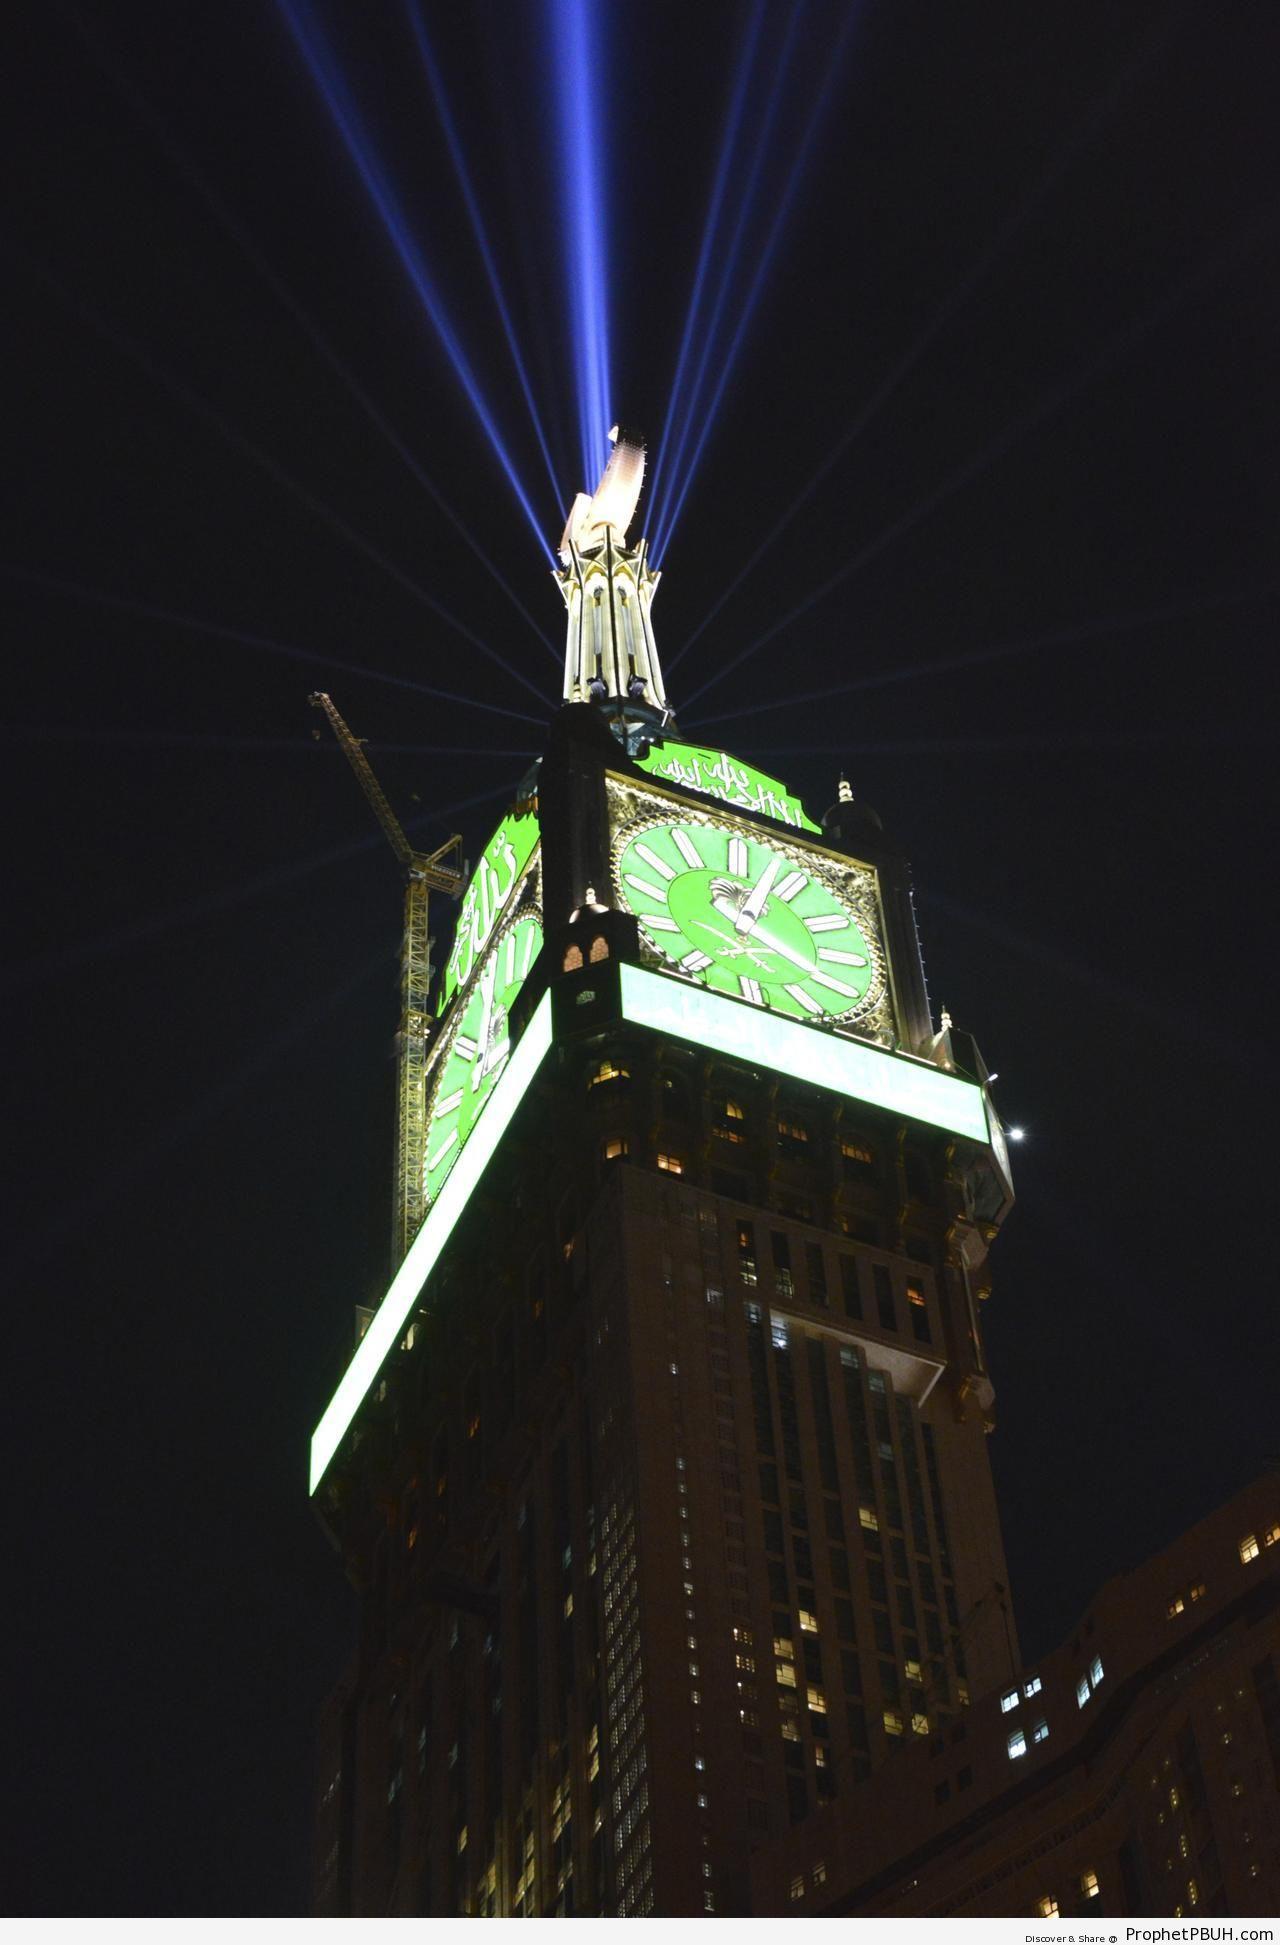 Light Beams Shooting From Top of Makkah Clock Tower - Makkah (Mecca), Saudi Arabia